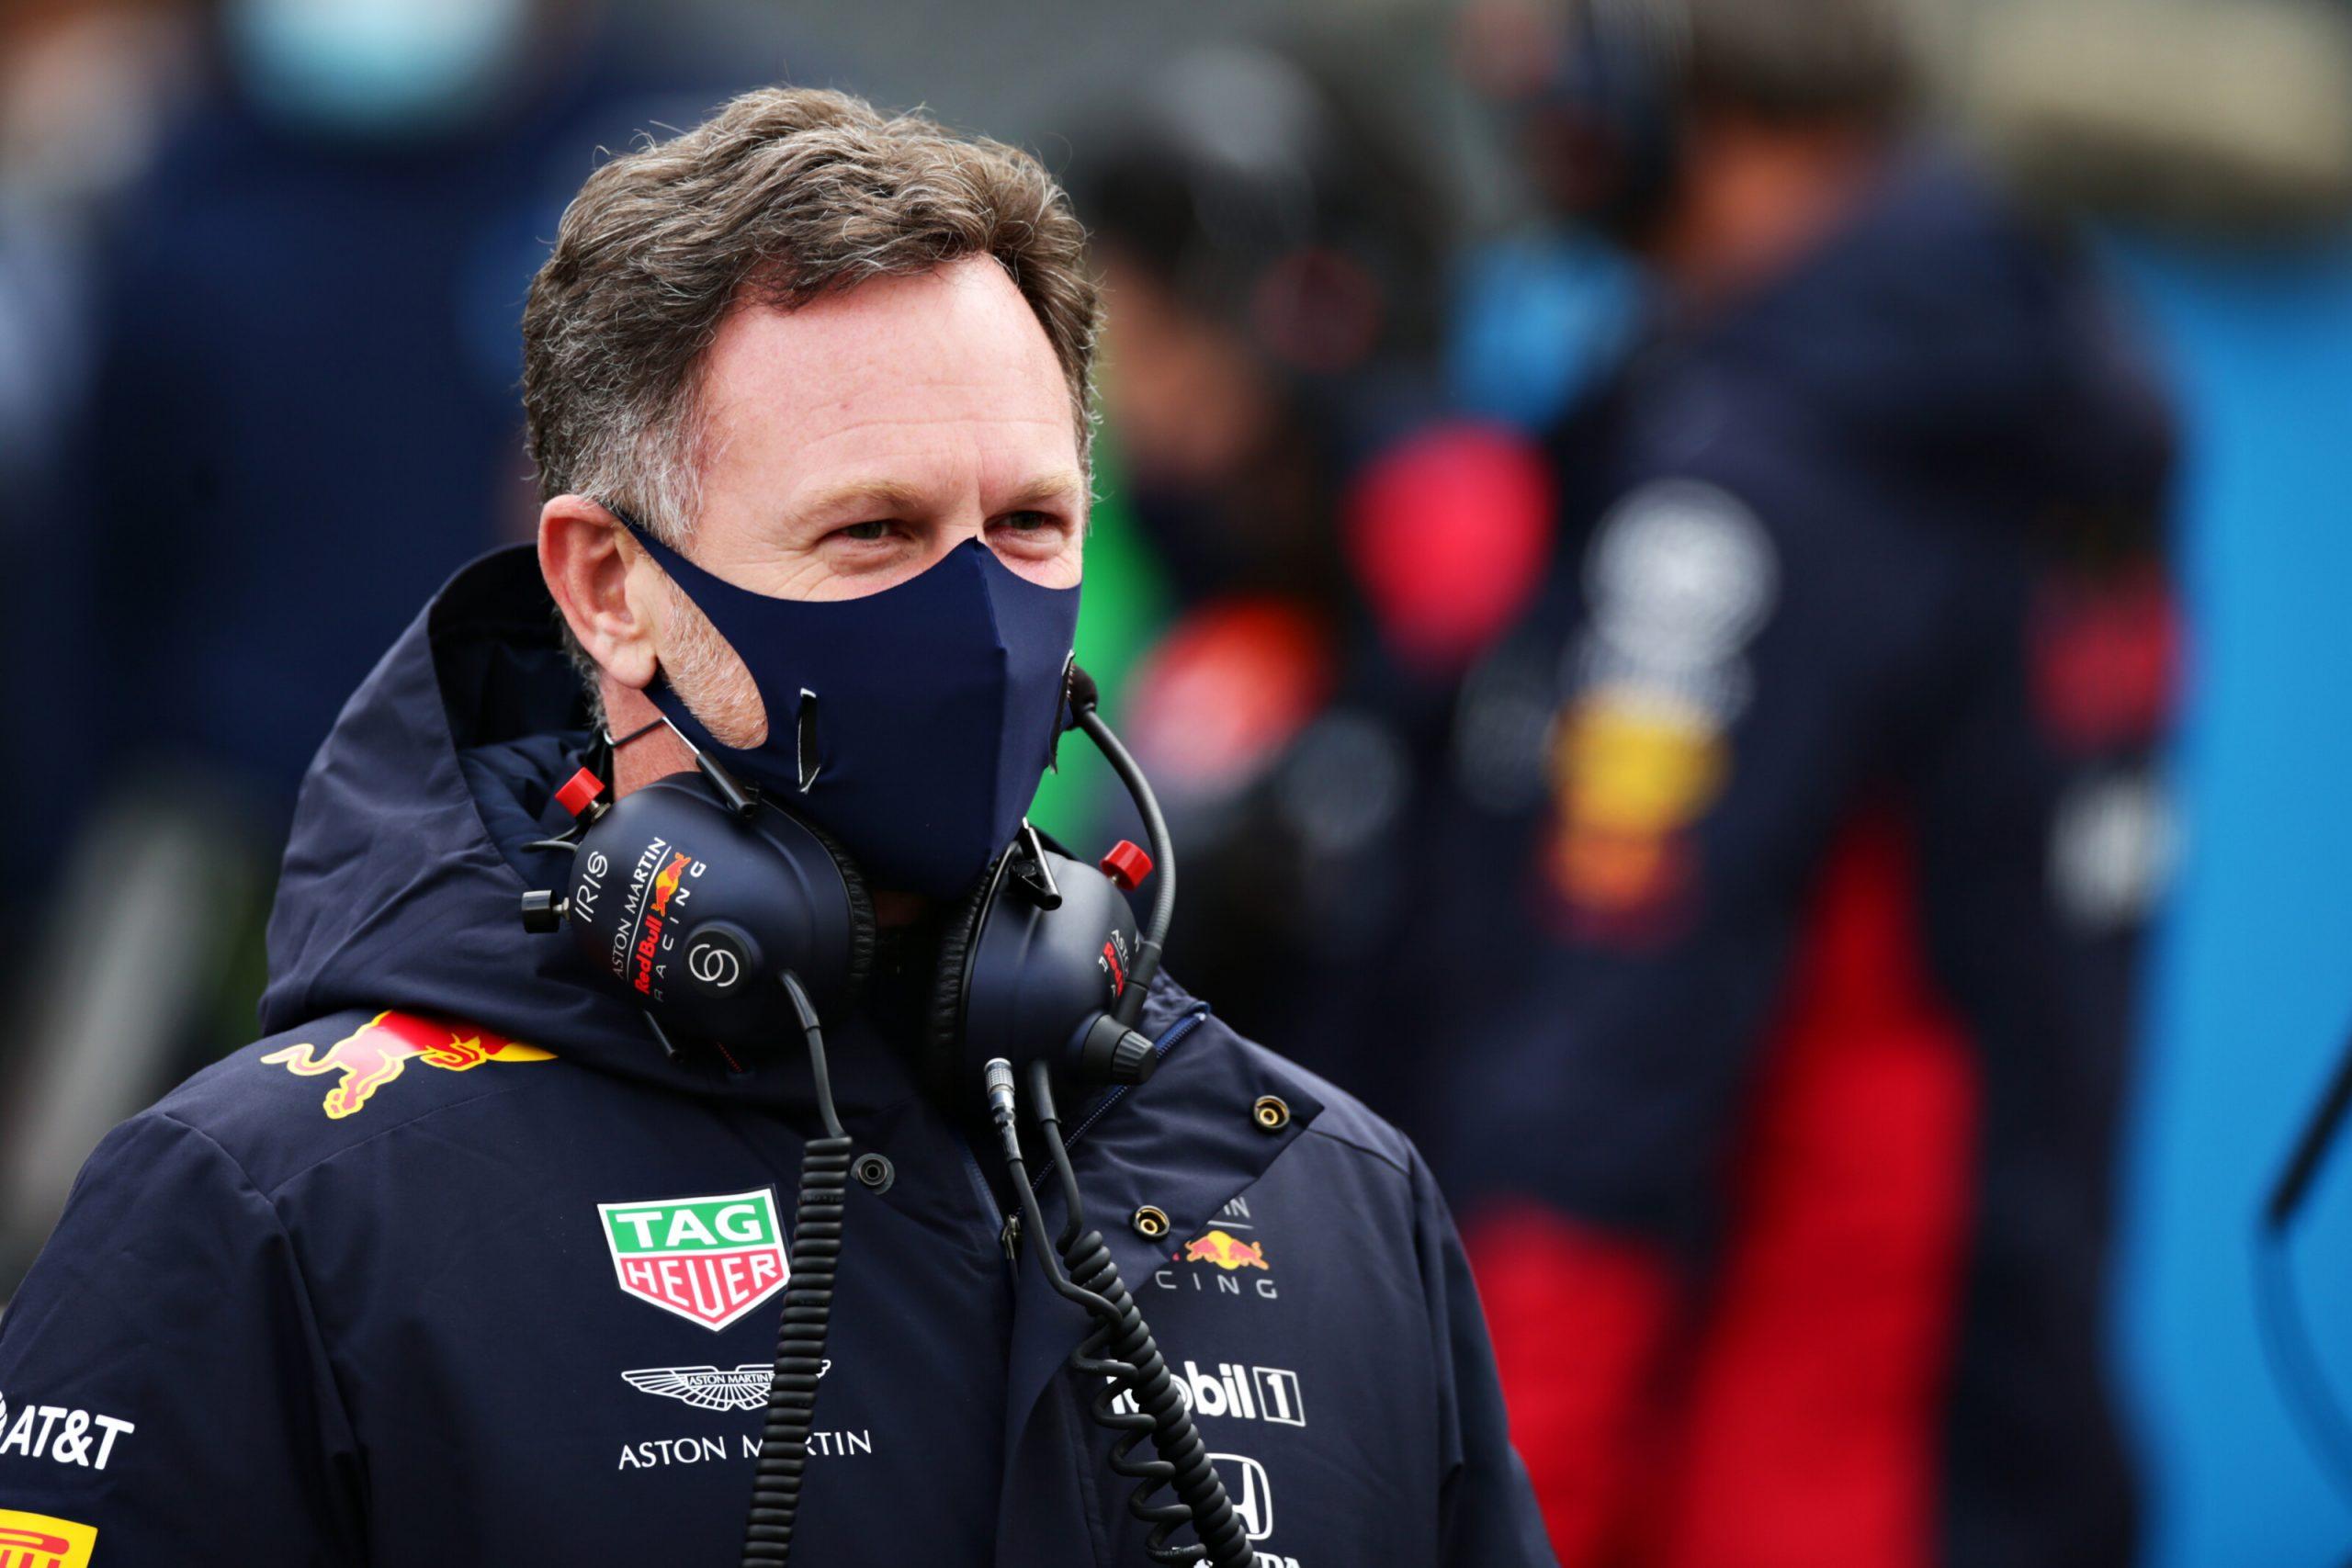 """F1 - Horner pense que les trois prochaines courses seront """"intéressantes"""" pour Red Bull"""